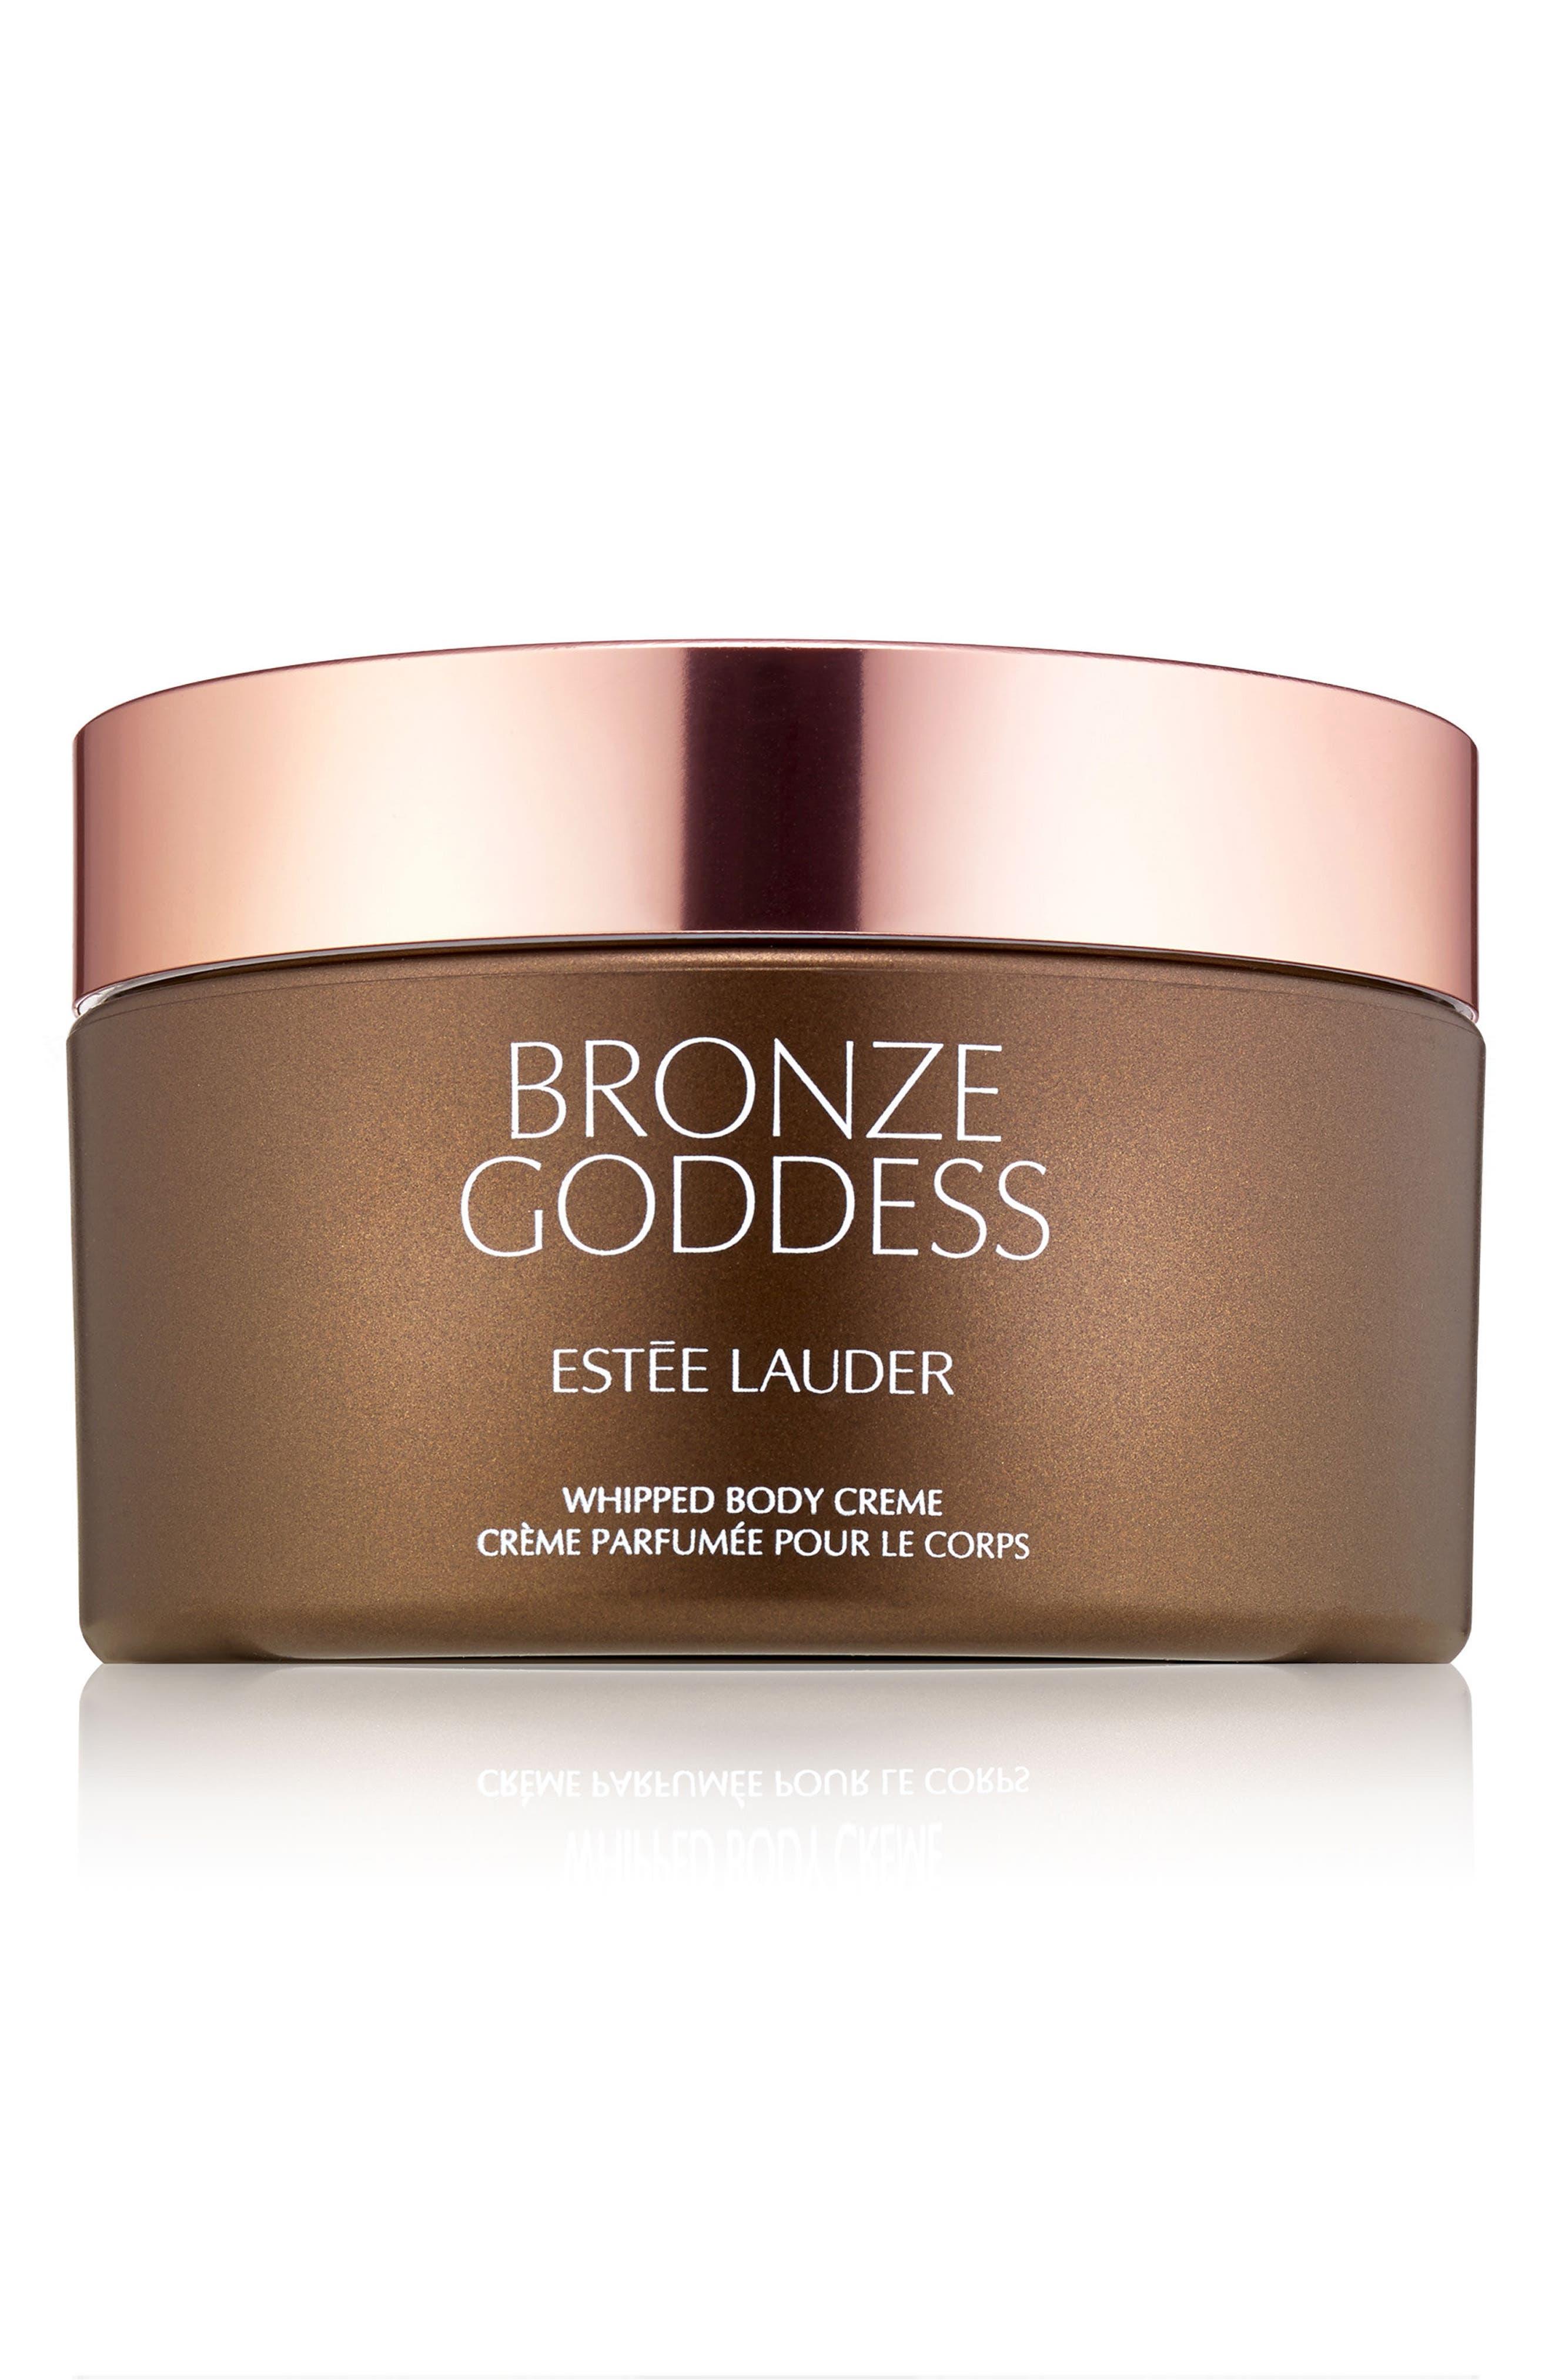 Bronze Goddess Whipped Body Crème,                         Main,                         color, NO COLOR